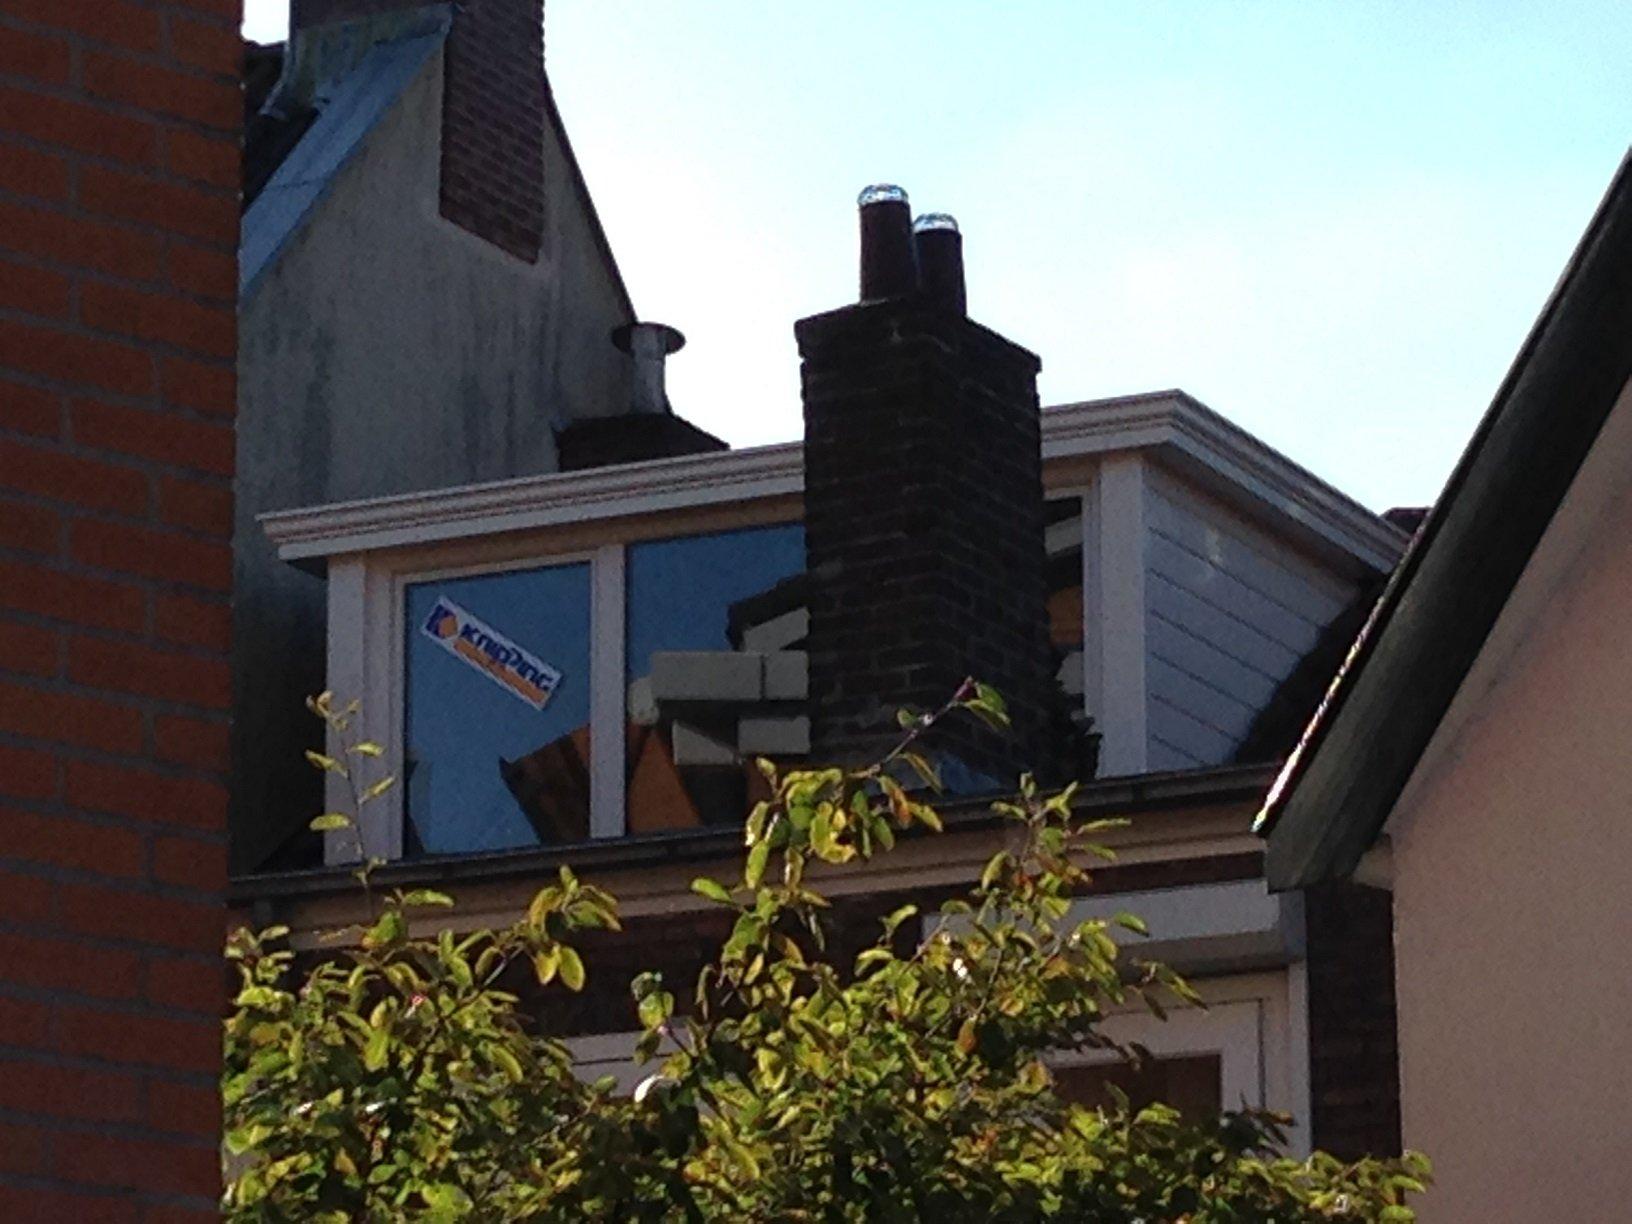 Knipping prolux dakkapel geplaatst te Amersfoort.